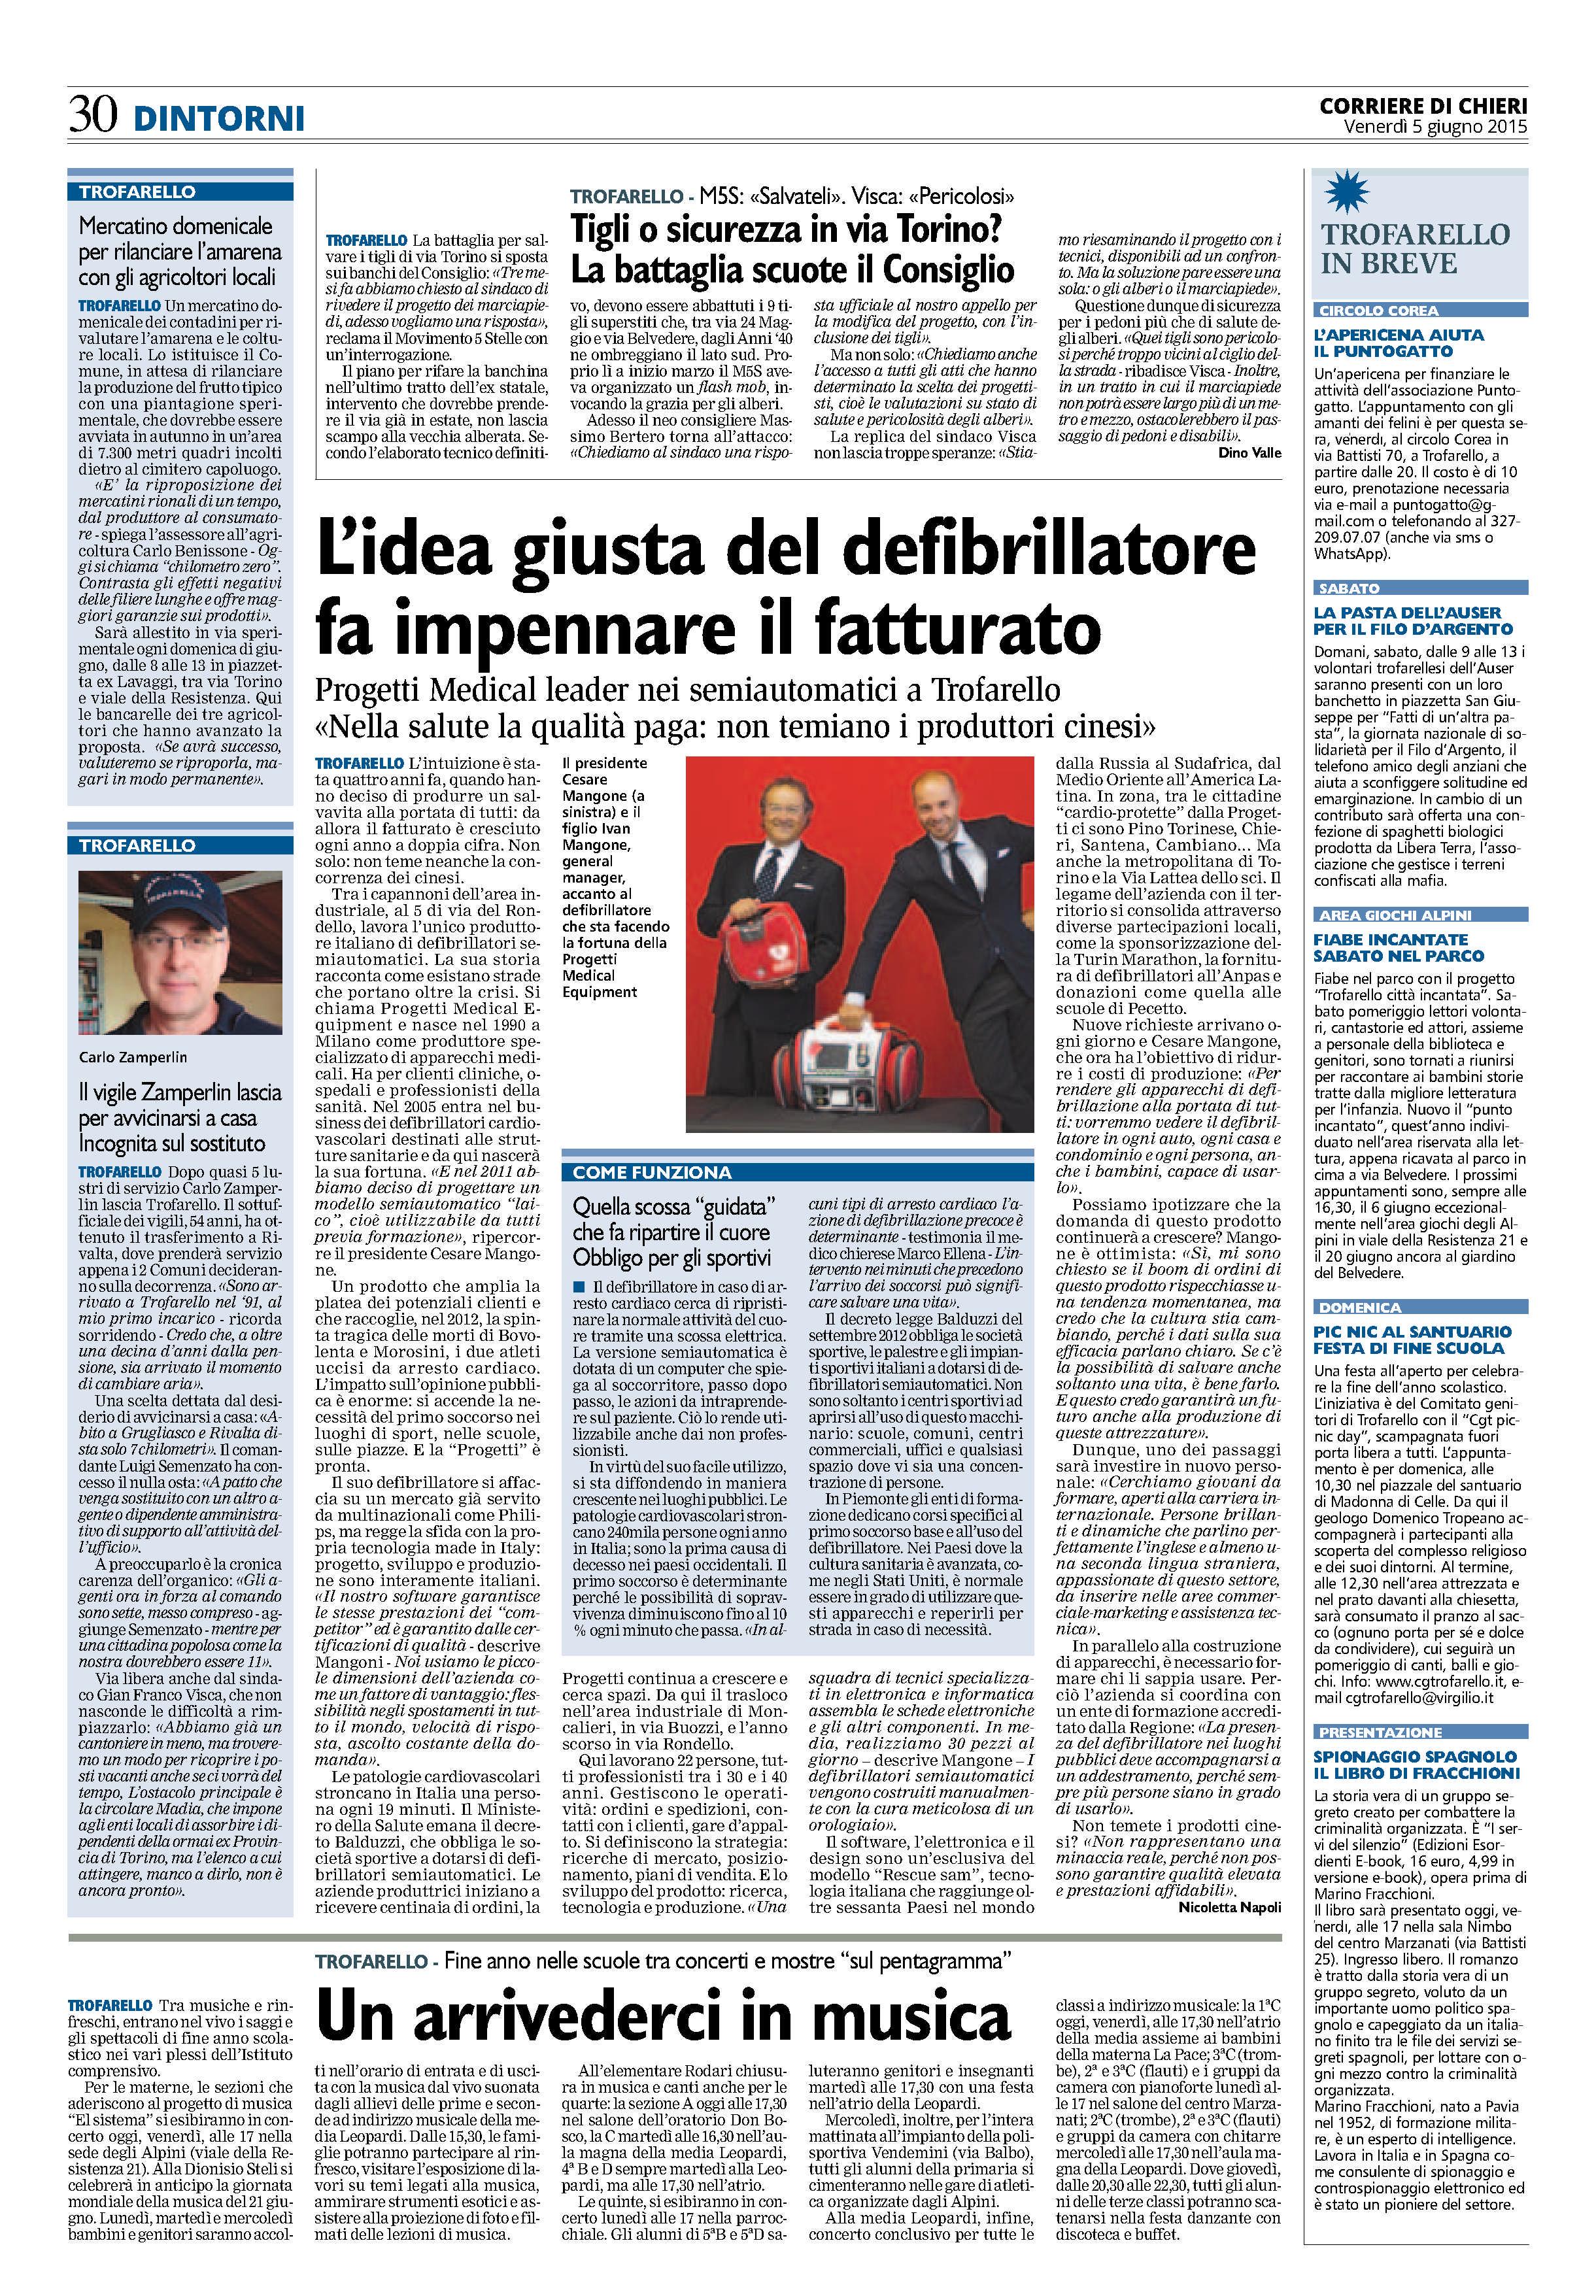 Su Corriere di Chieri. ARTICOLO